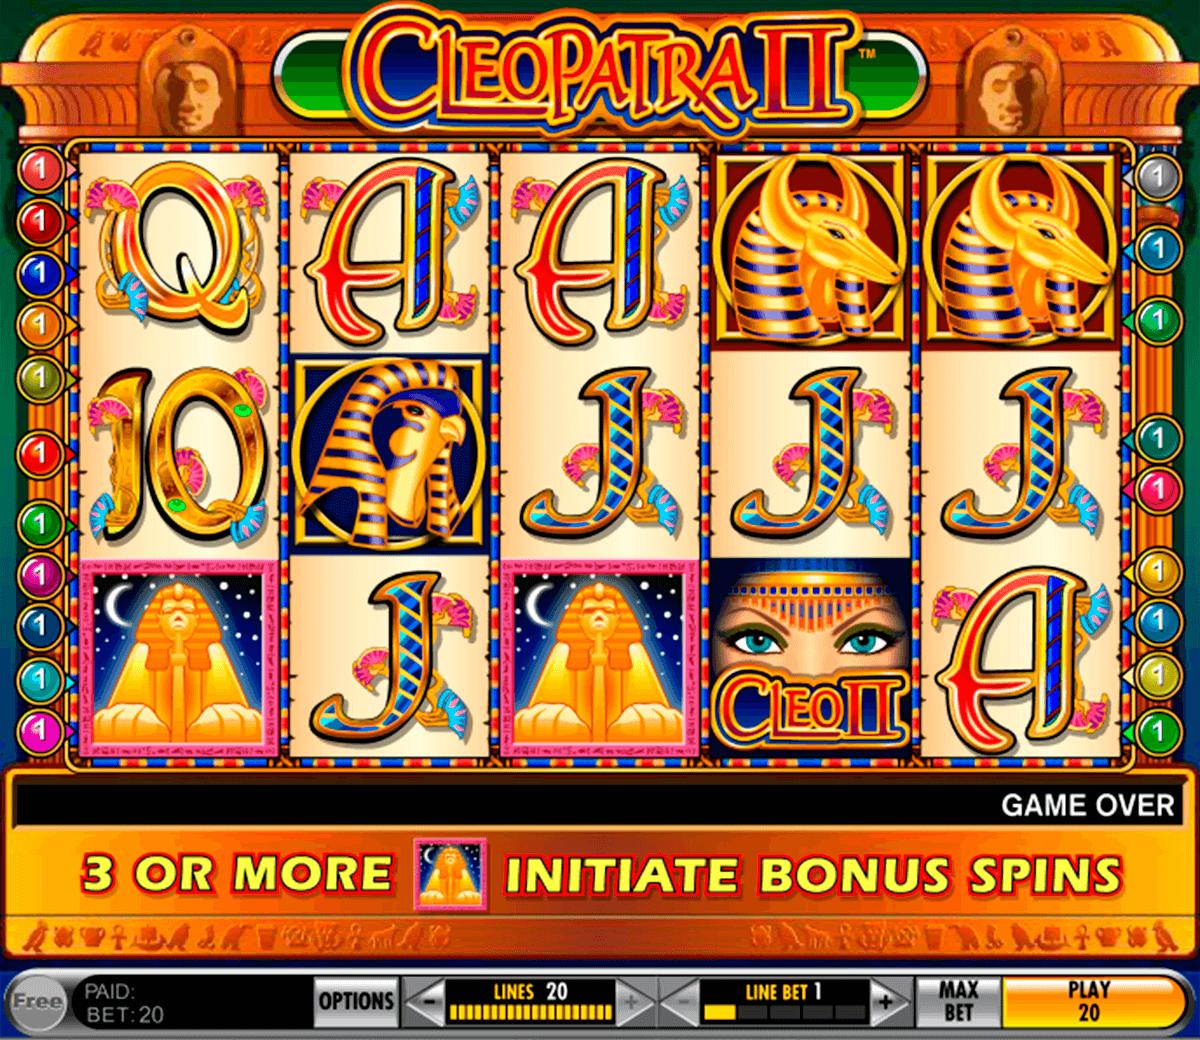 Juegos de casino gratis cleopatra giros Rosario - 52436